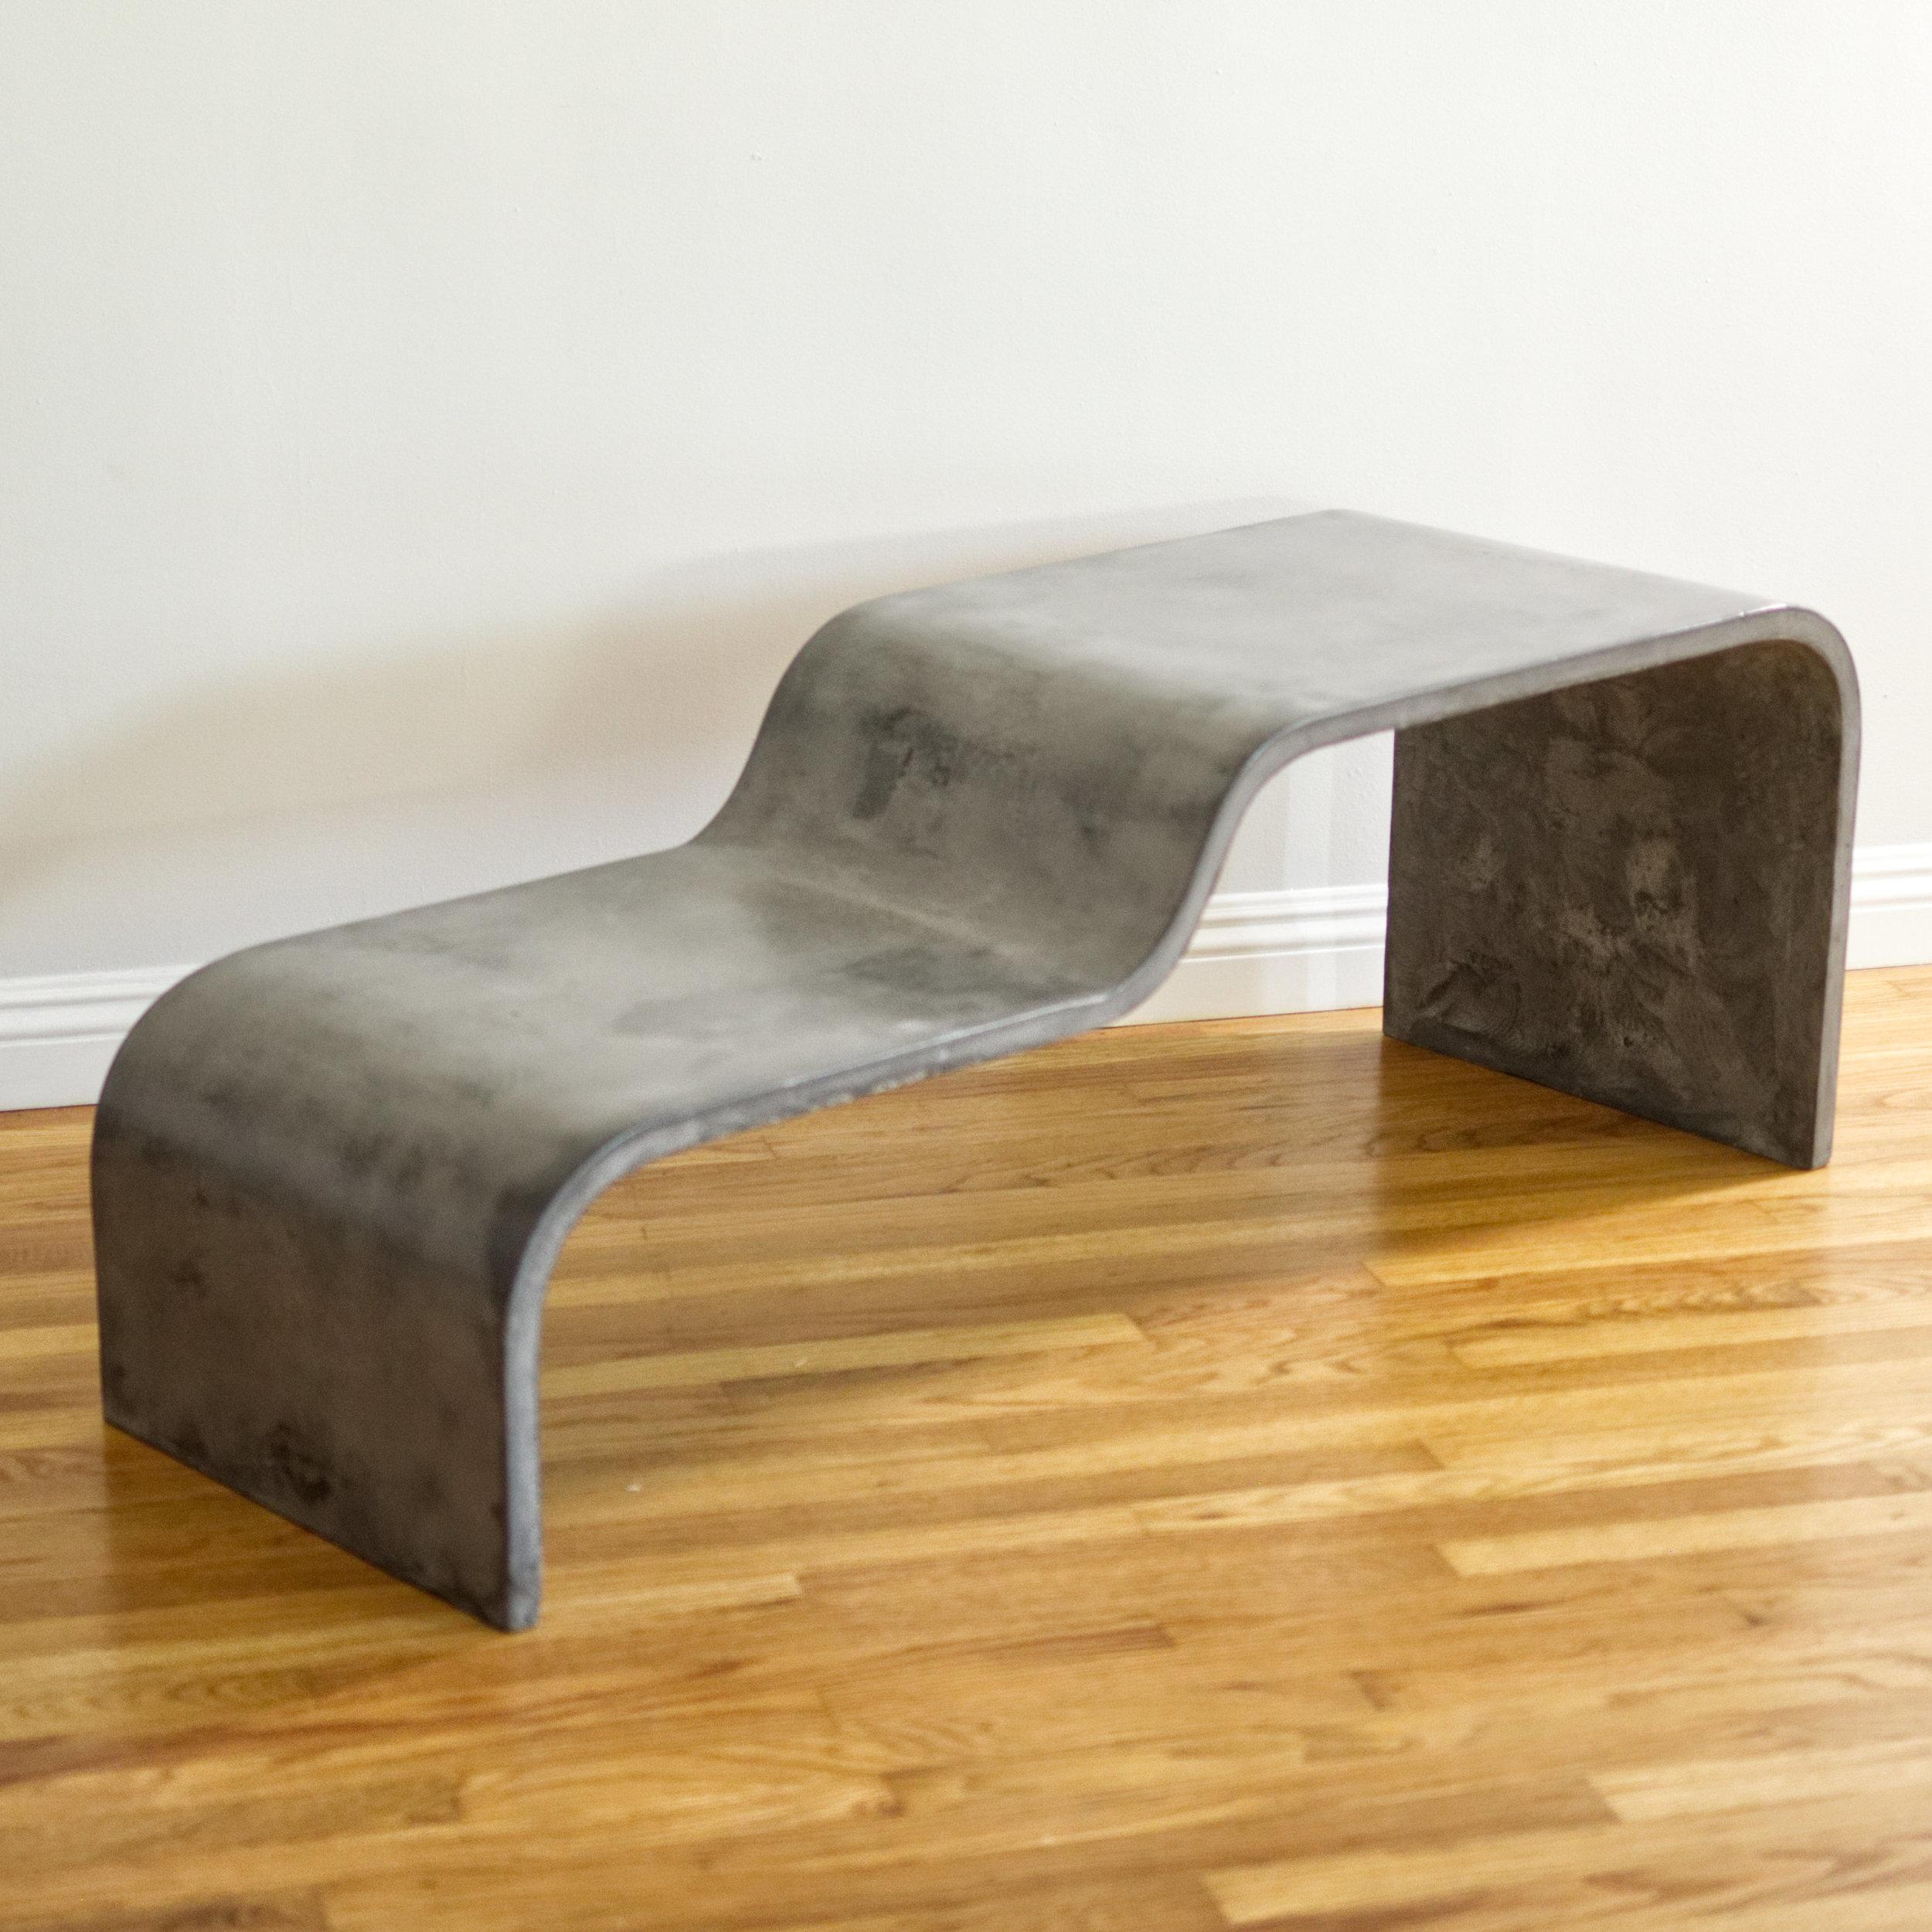 Curved Bench Insta 03.jpg